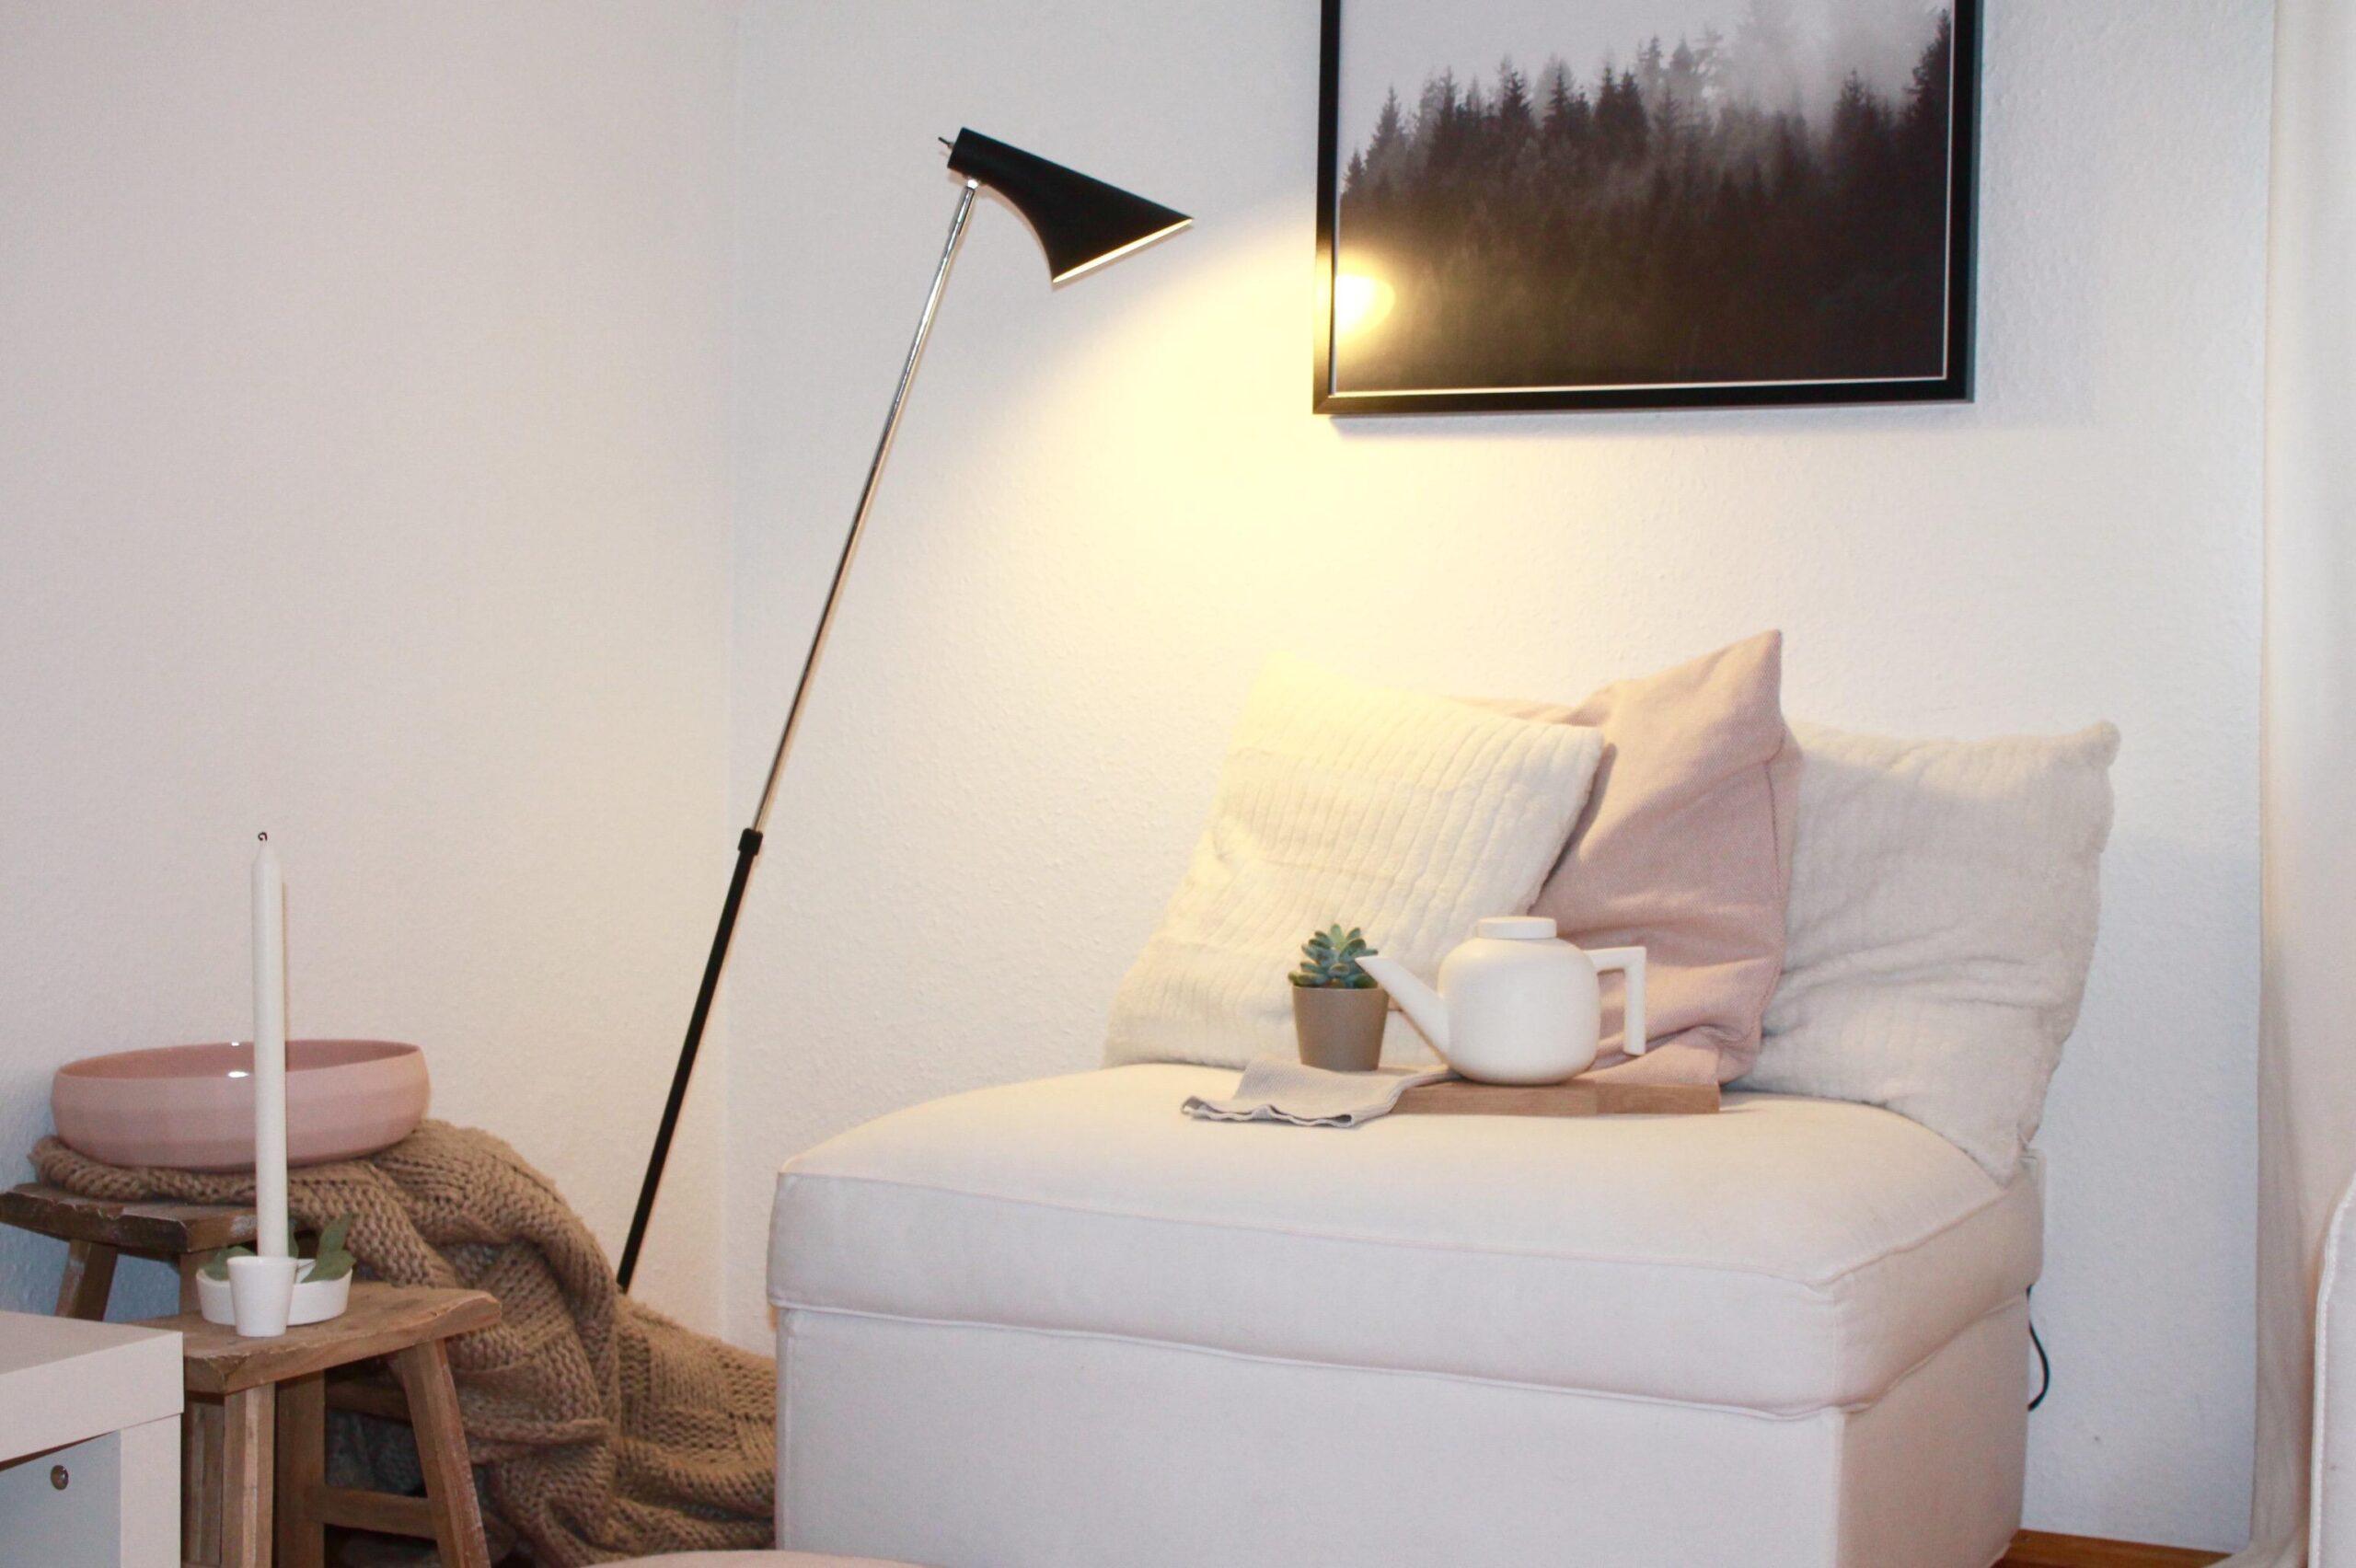 Full Size of Wohnzimmer Lampe Ikea Leuchten Lampen Decke Von Stehend Rosa Wohnzimmerecke Kissen Sofa Deckenlampen Modern Deckenlampe Küche Kosten Sessel Schlafzimmer Wohnzimmer Wohnzimmer Lampe Ikea